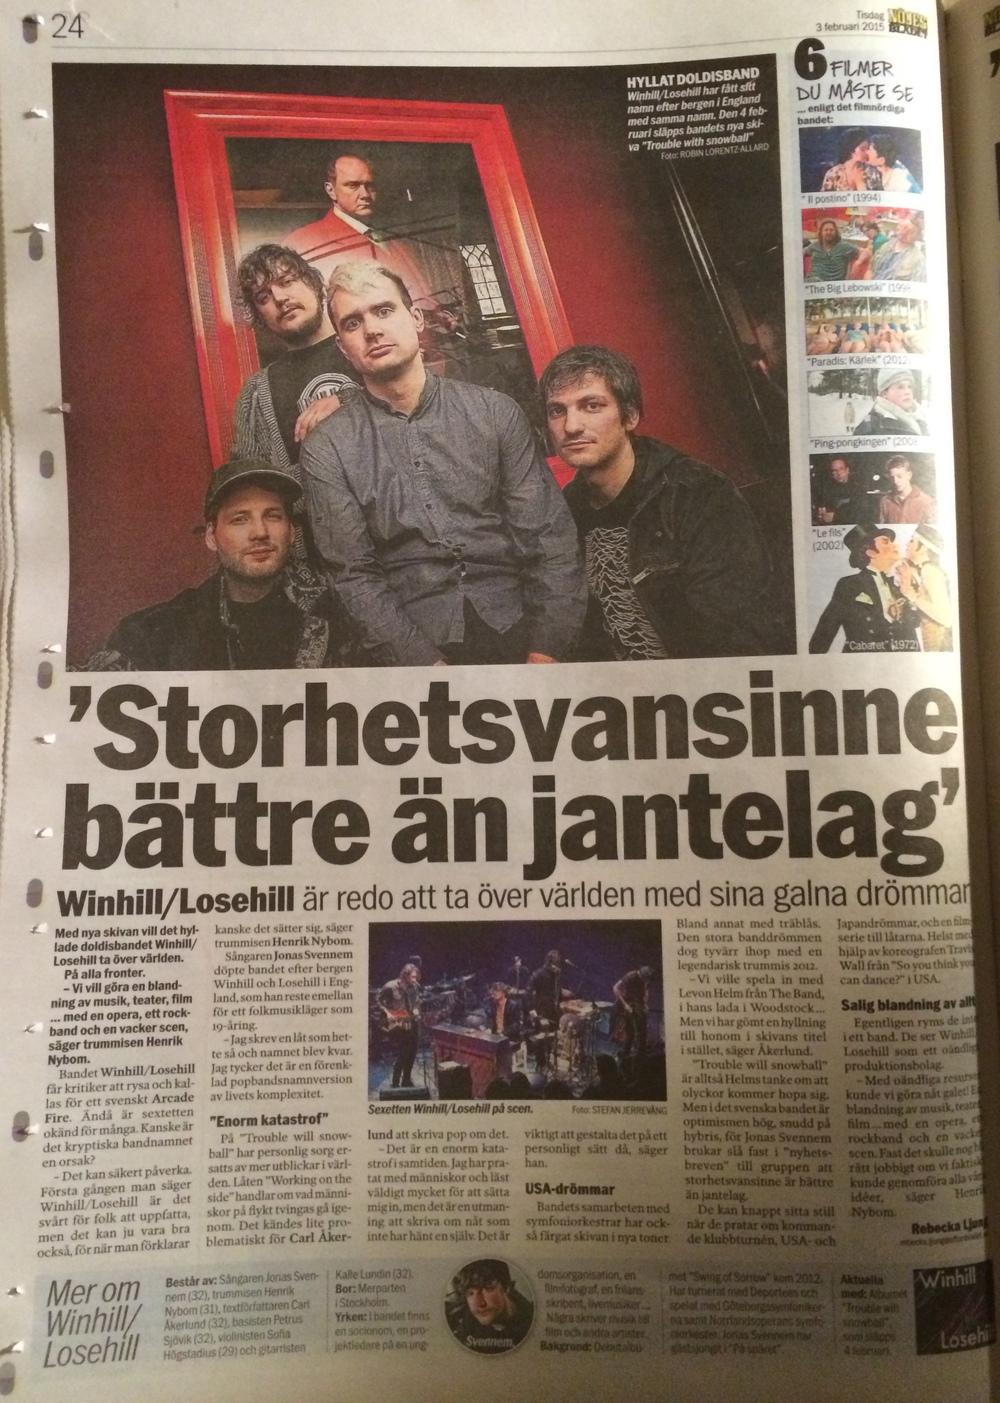 Winhill:Losehill - intervju i Aftonbladet.jpg